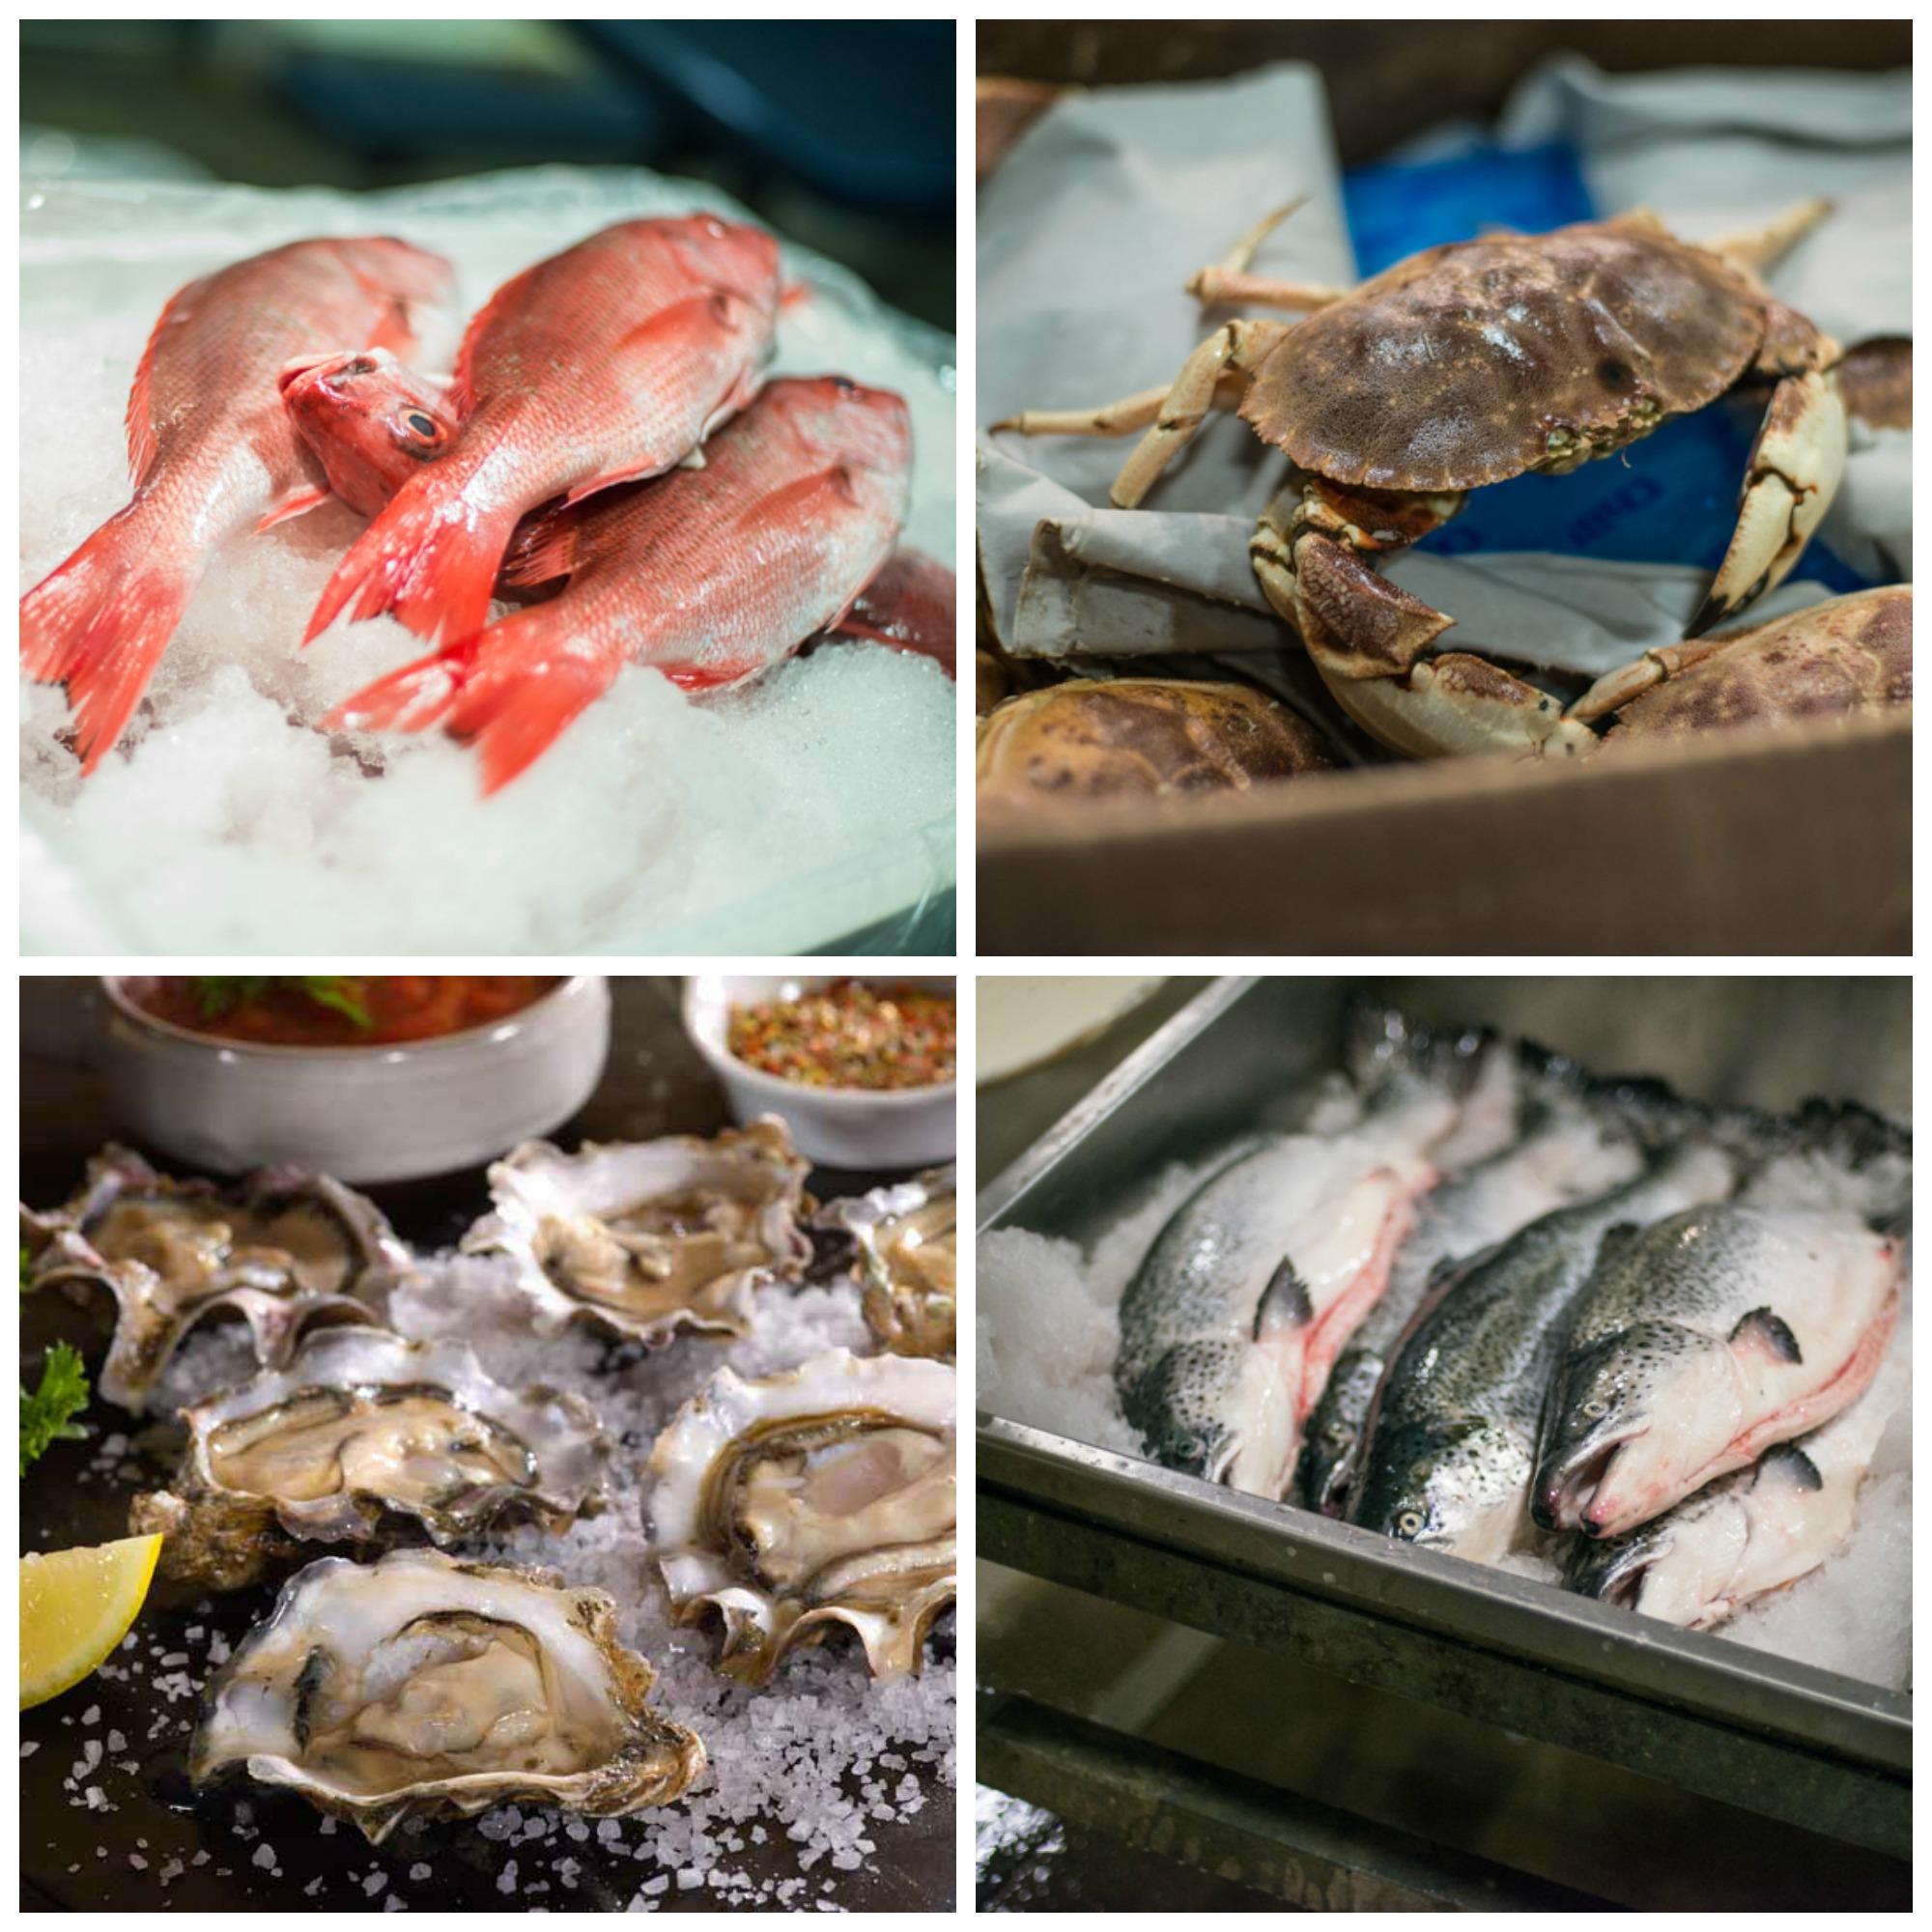 FultonFishMarket.com fresh fish selection